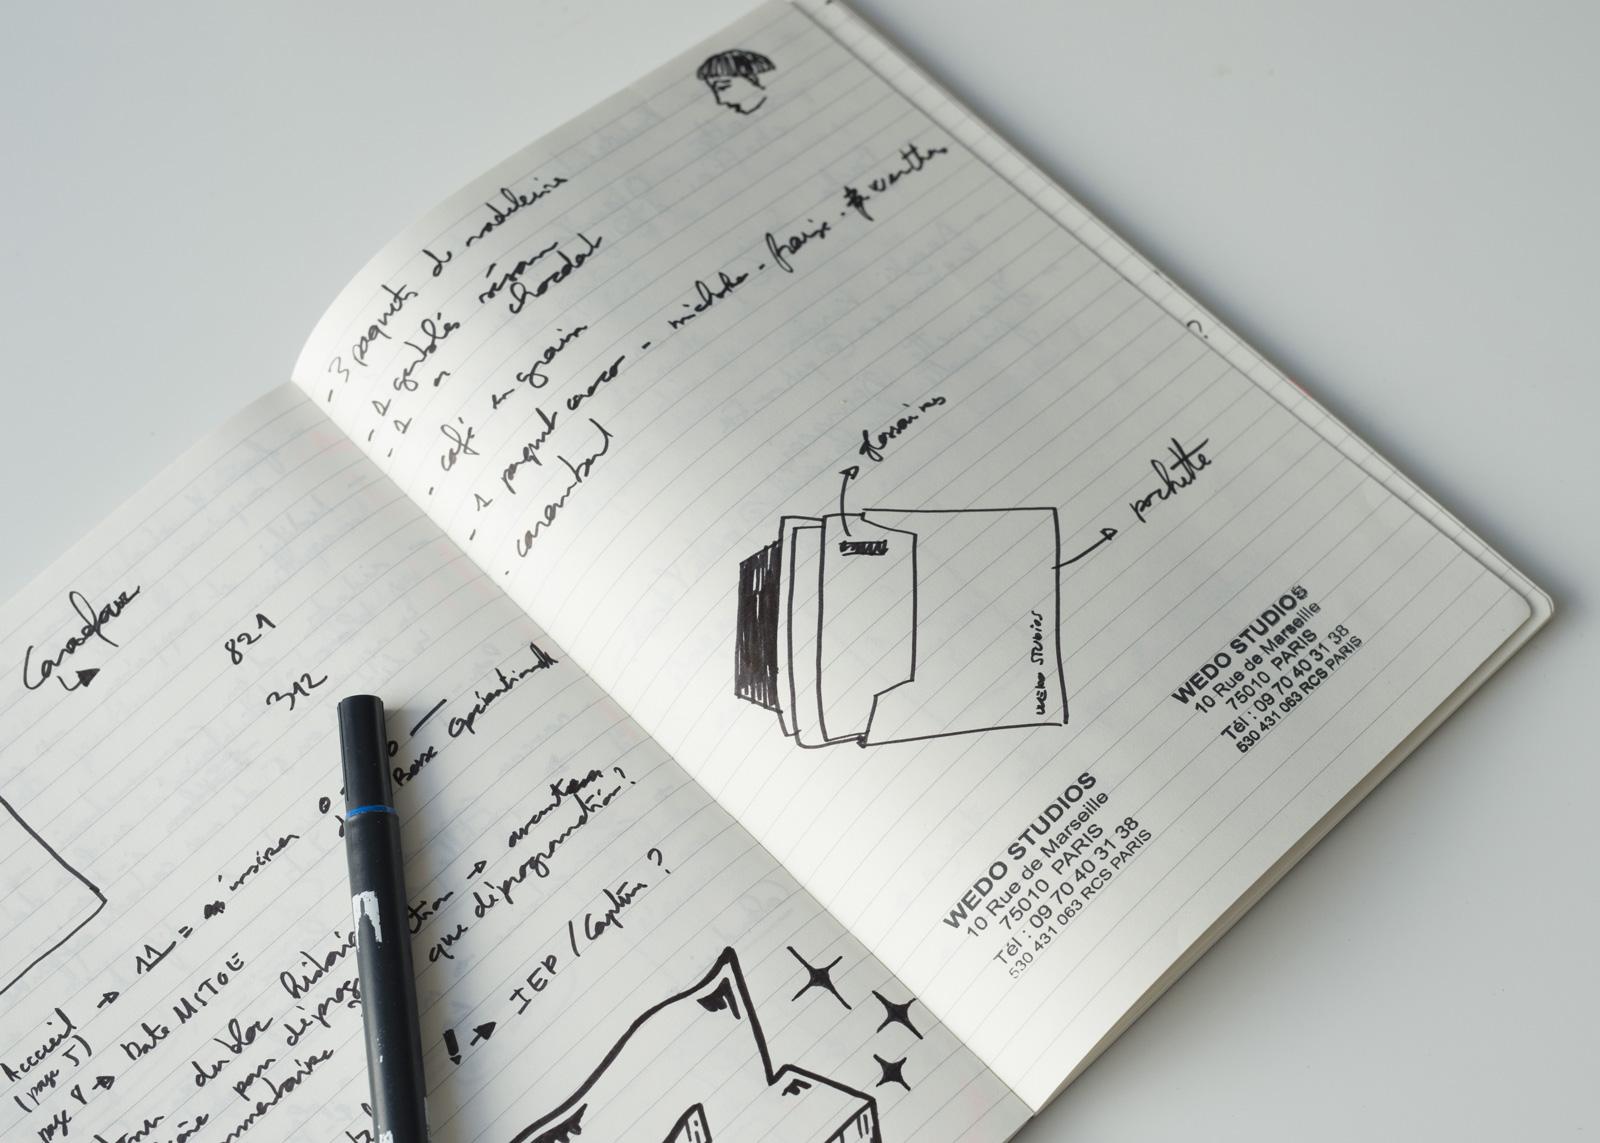 Carnet design Ideation